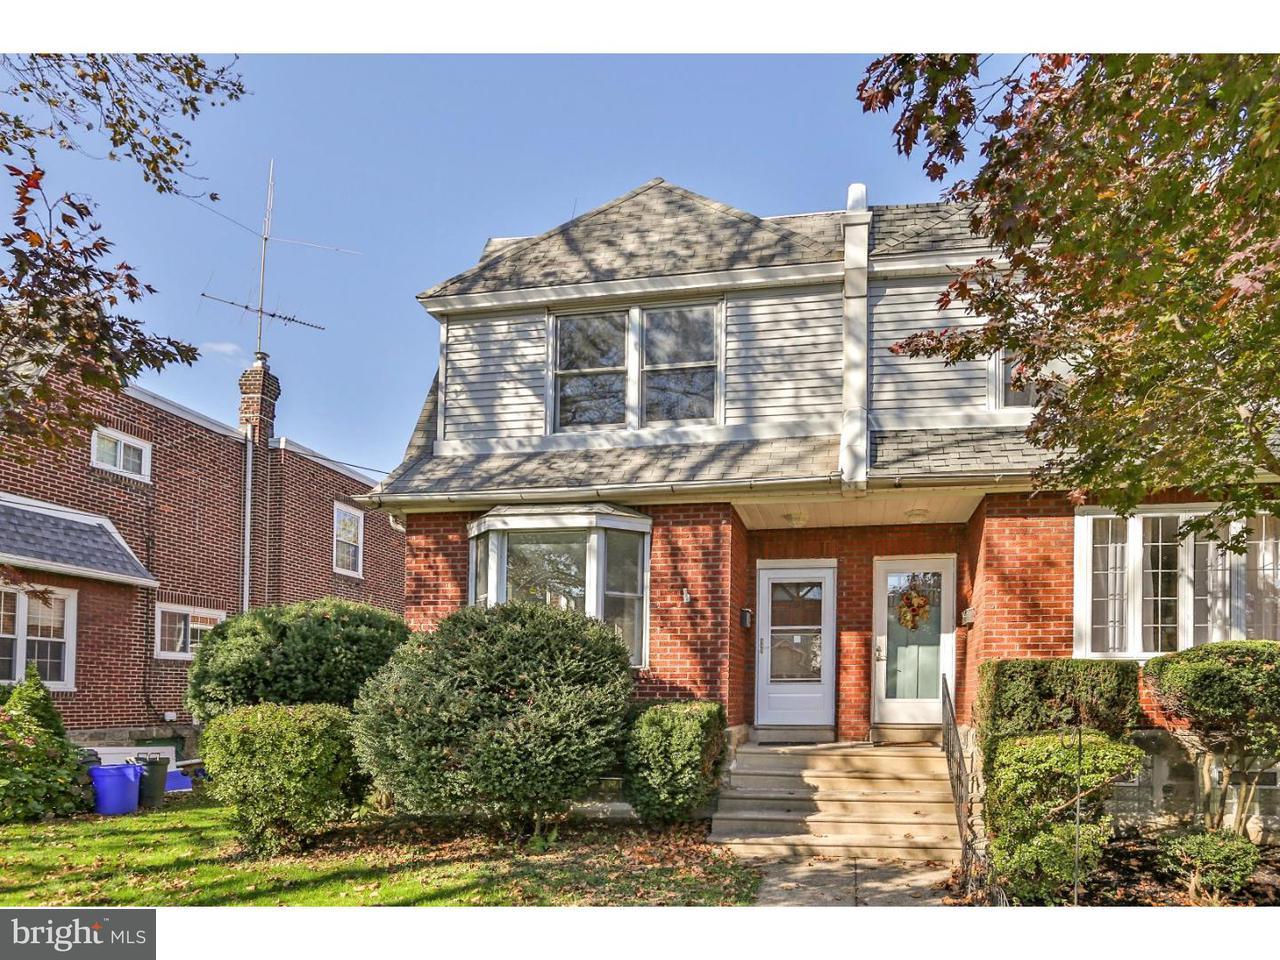 联栋屋 为 销售 在 723 16TH Avenue Prospect Park, 宾夕法尼亚州 19076 美国